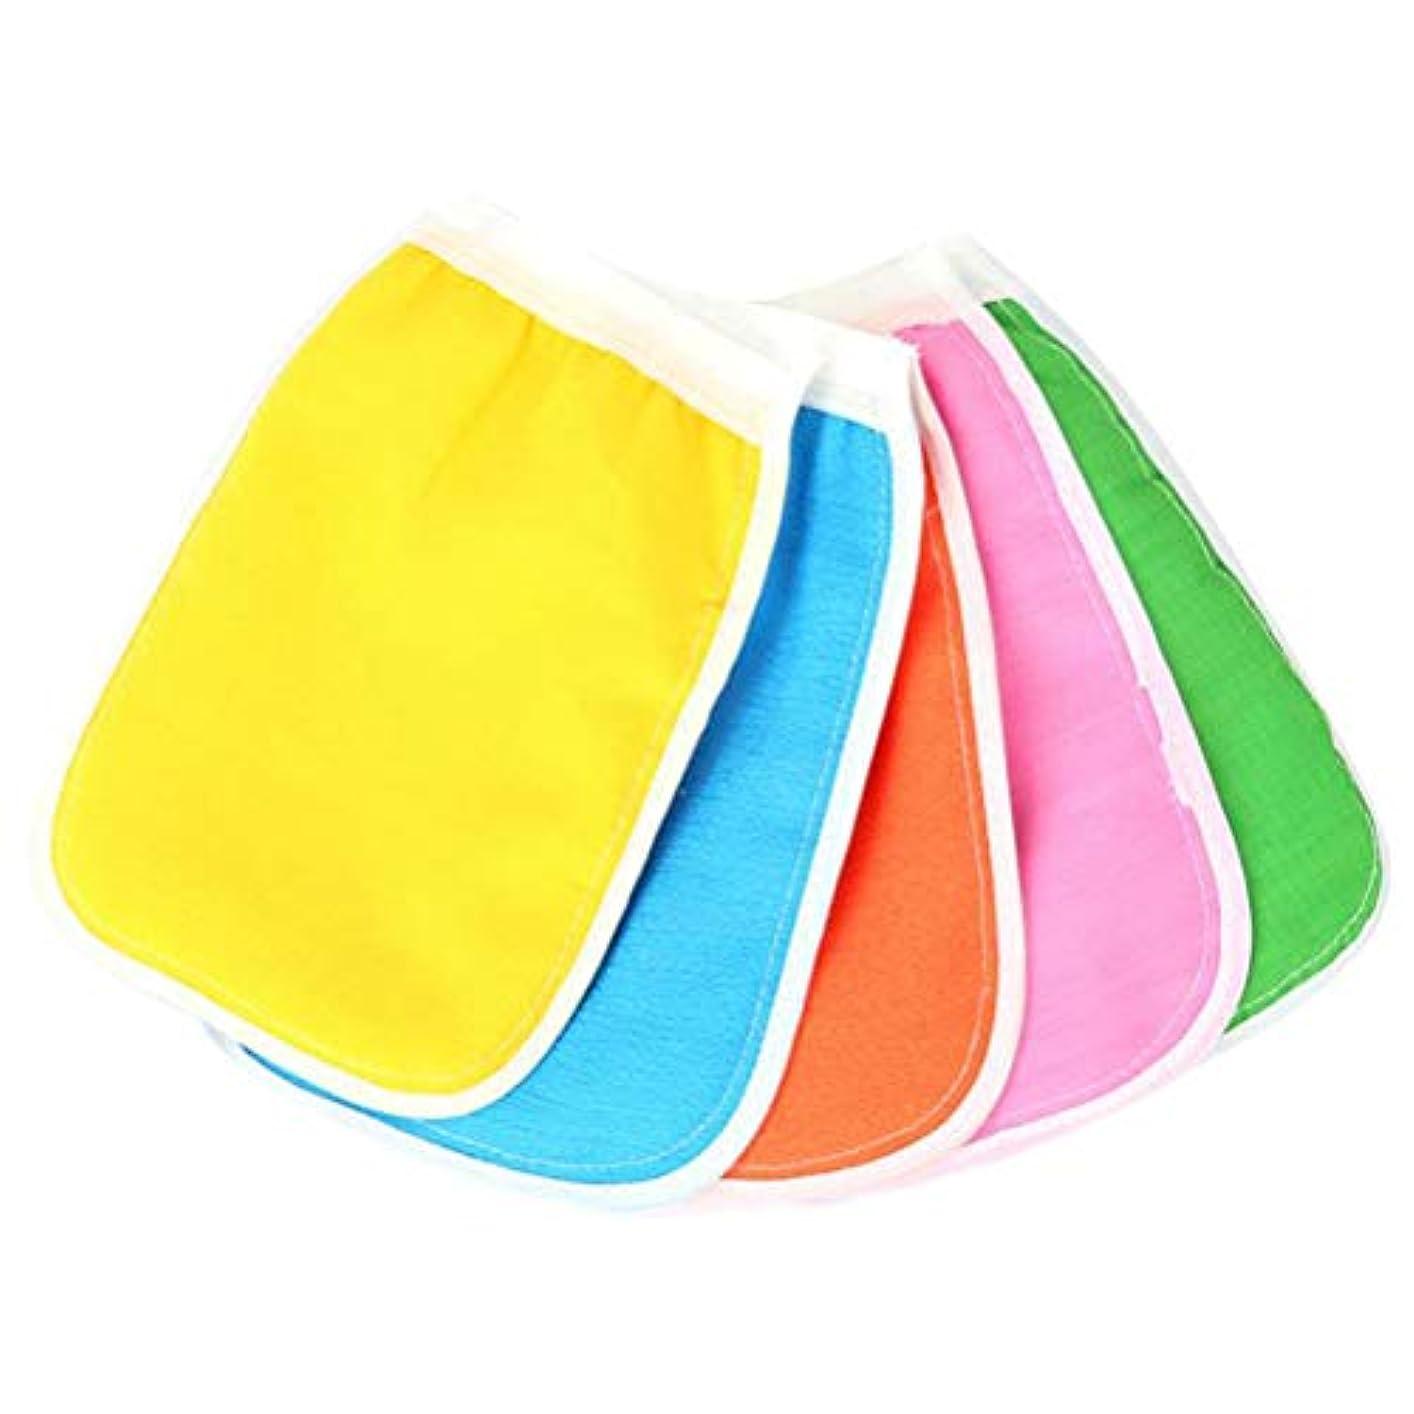 ビーム拡声器汚染されたHEALIFTY ボディスクラブミトン手袋入浴シャワースパ用クレンジングツール(混色)のための5本の剥離手袋